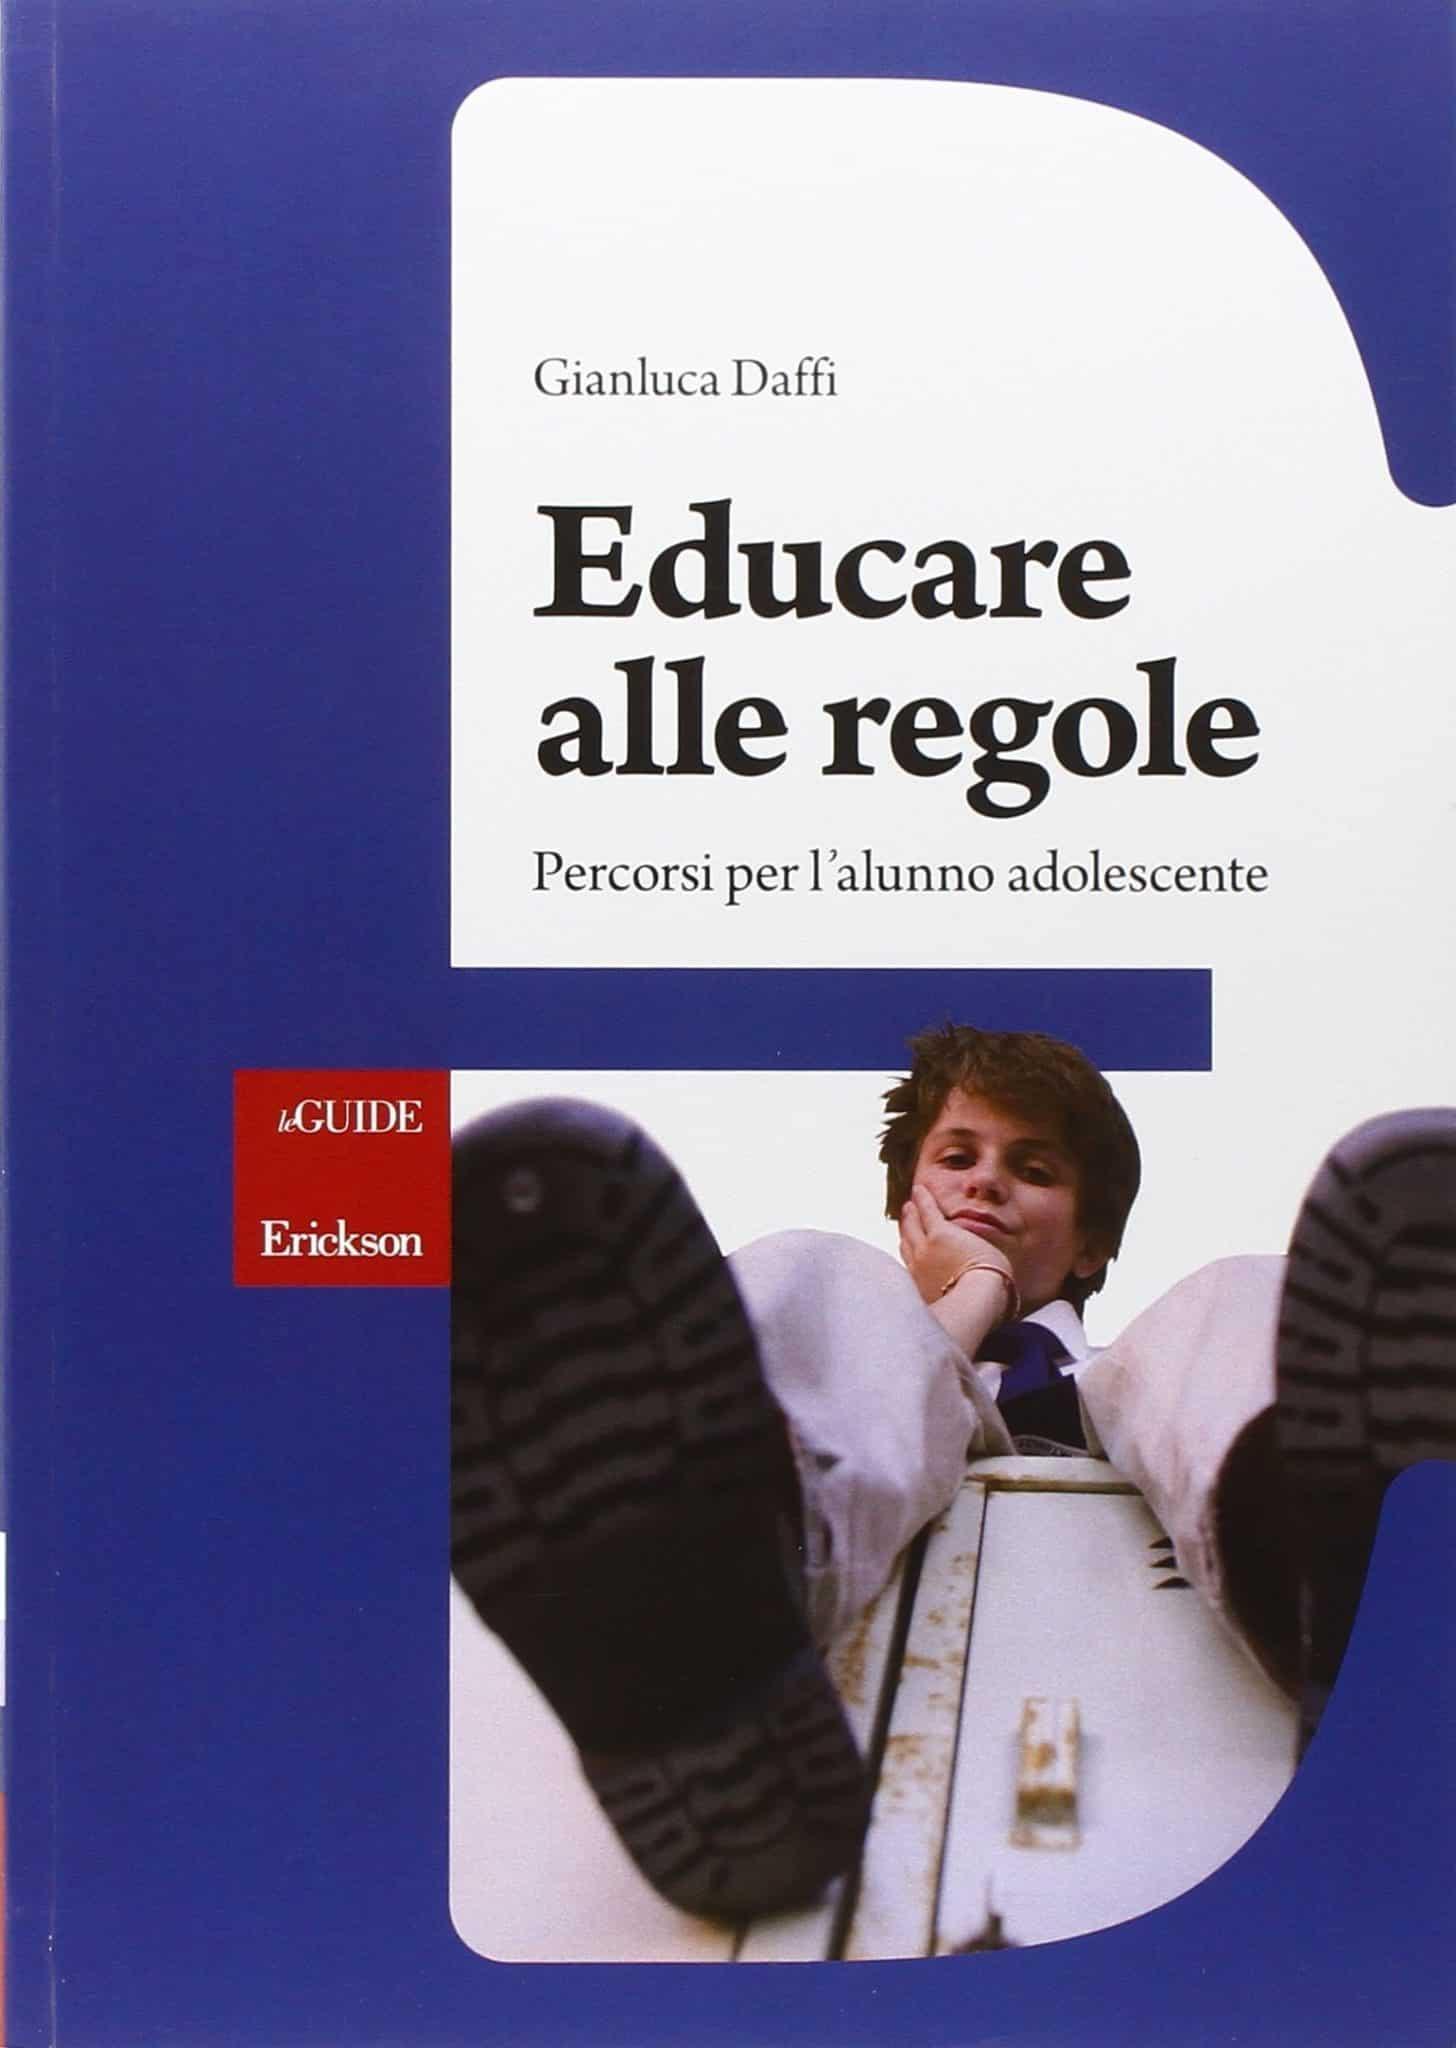 Educare Alle Regole. Percorsi Per L'alunno Adolescente